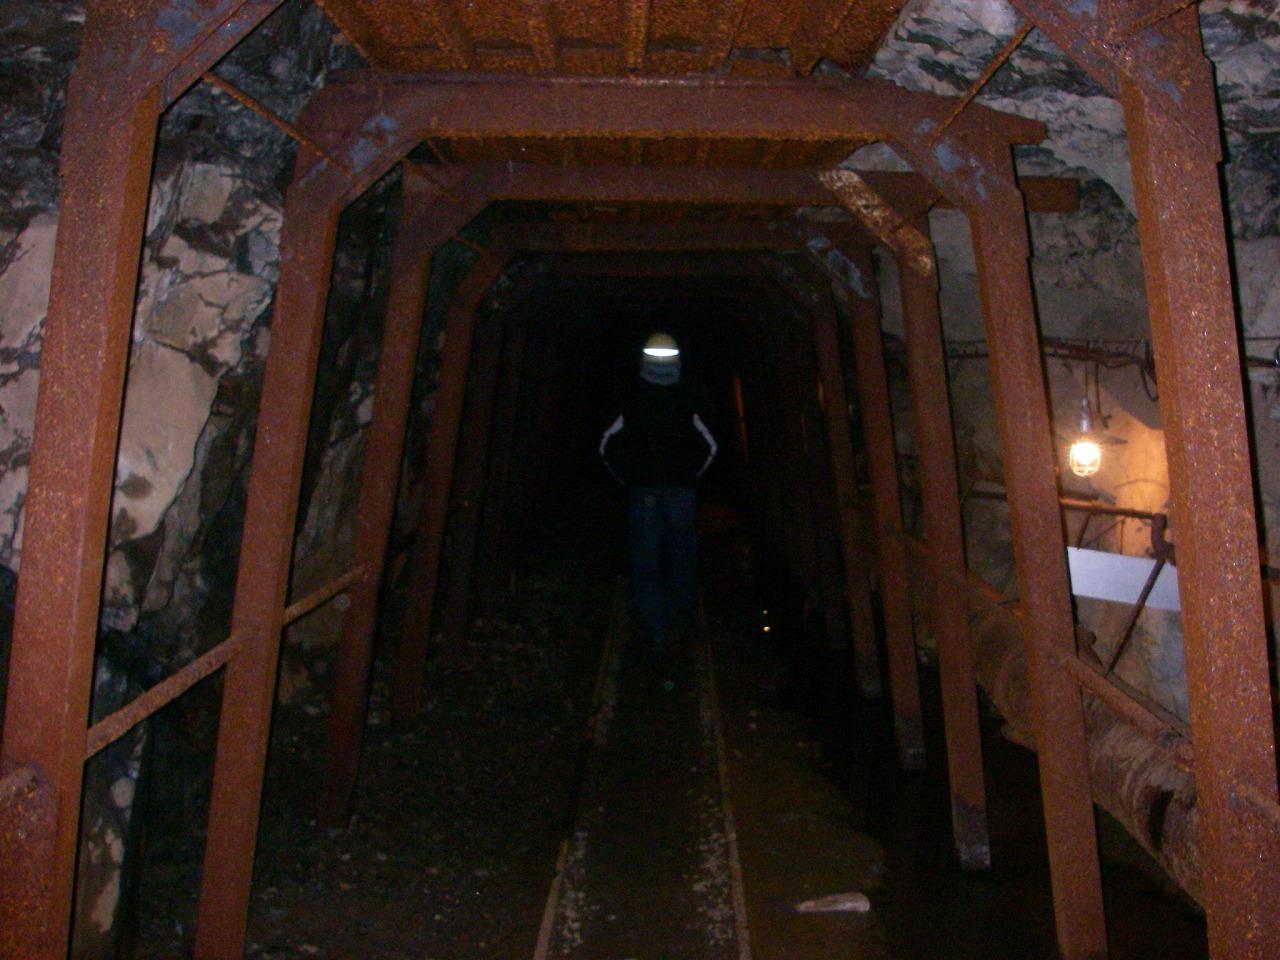 太郎の部屋 「明延鉱山」 その1 当時のままの坑道